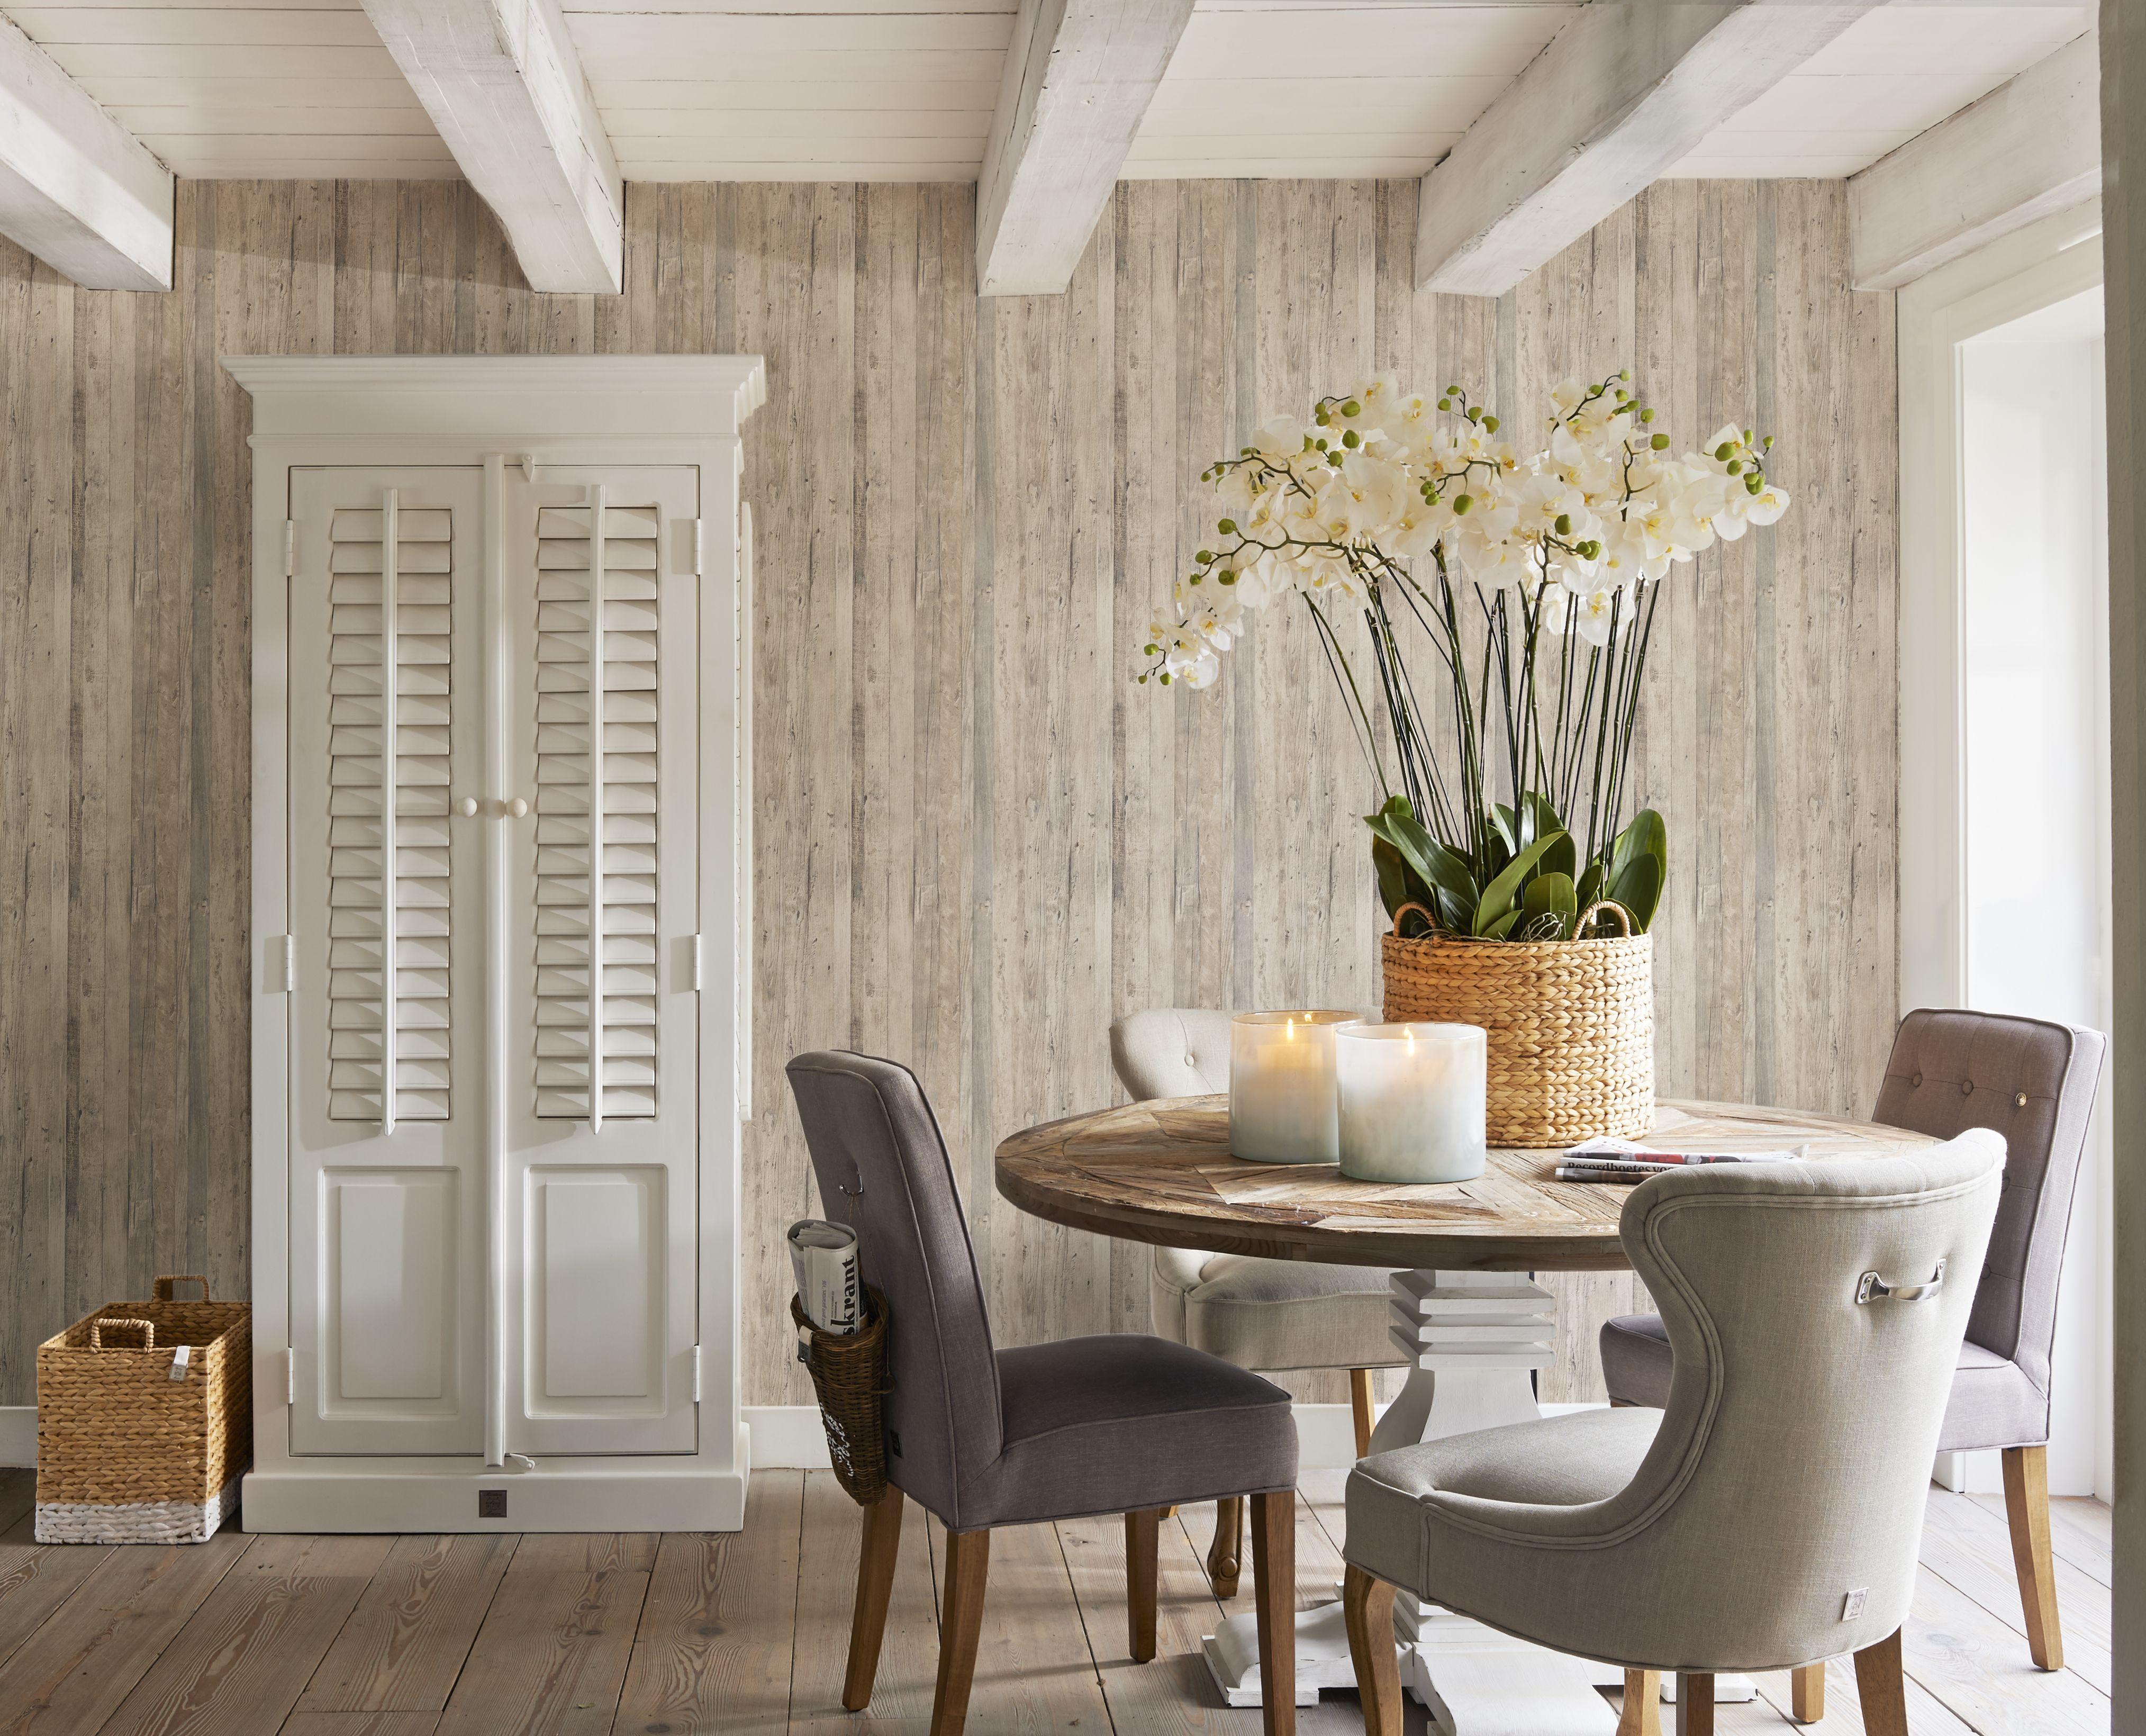 riviera maison driftwood behang rm behang rivieramaison behang riviera maison pinterest. Black Bedroom Furniture Sets. Home Design Ideas